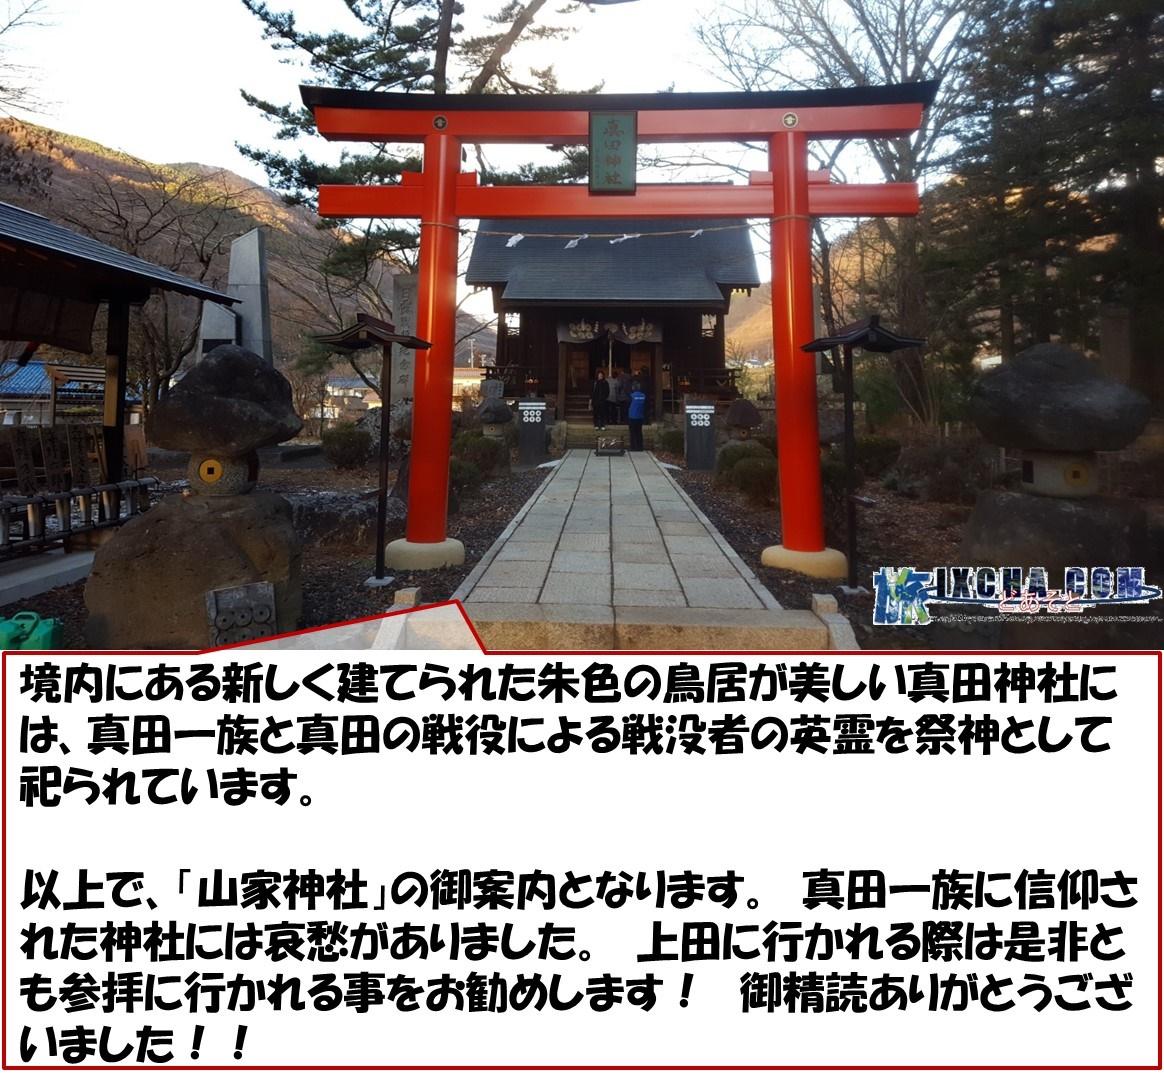 境内にある新しく建てられた朱色の鳥居が美しい真田神社には、真田一族と真田の戦役による戦没者の英霊を祭神として祀られています。 以上で、「山家神社」の御案内となります。 真田一族に信仰された神社には哀愁がありました。 上田に行かれる際は是非とも参拝に行かれる事をお勧めします! 御精読ありがとうございました!!